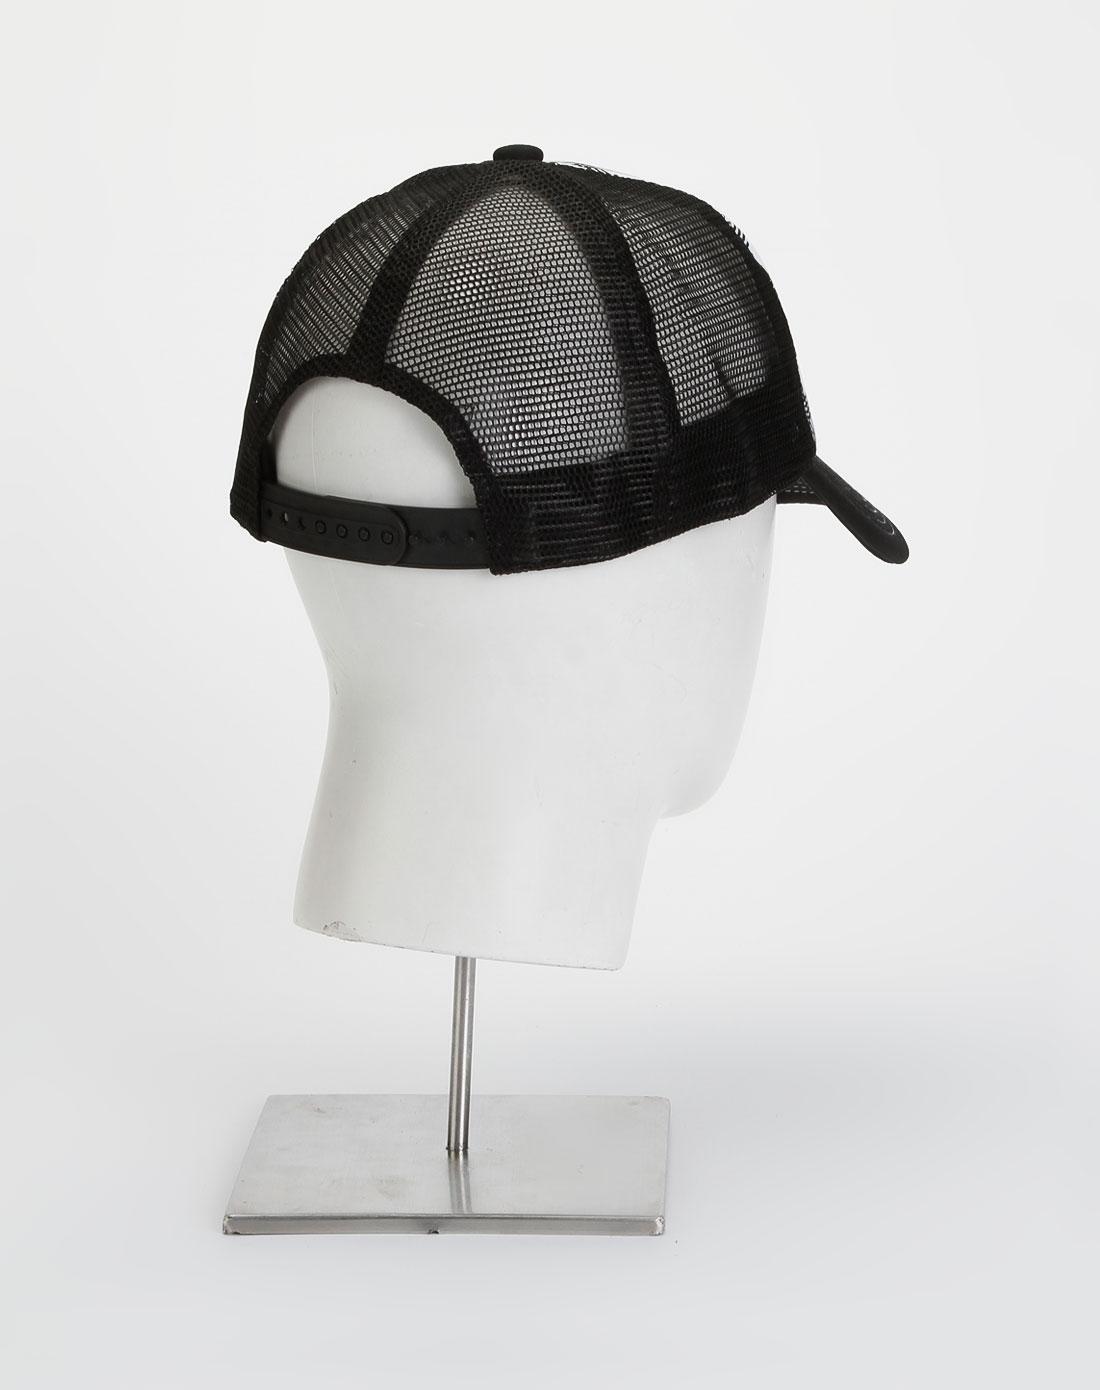 黑/白色印字帽子